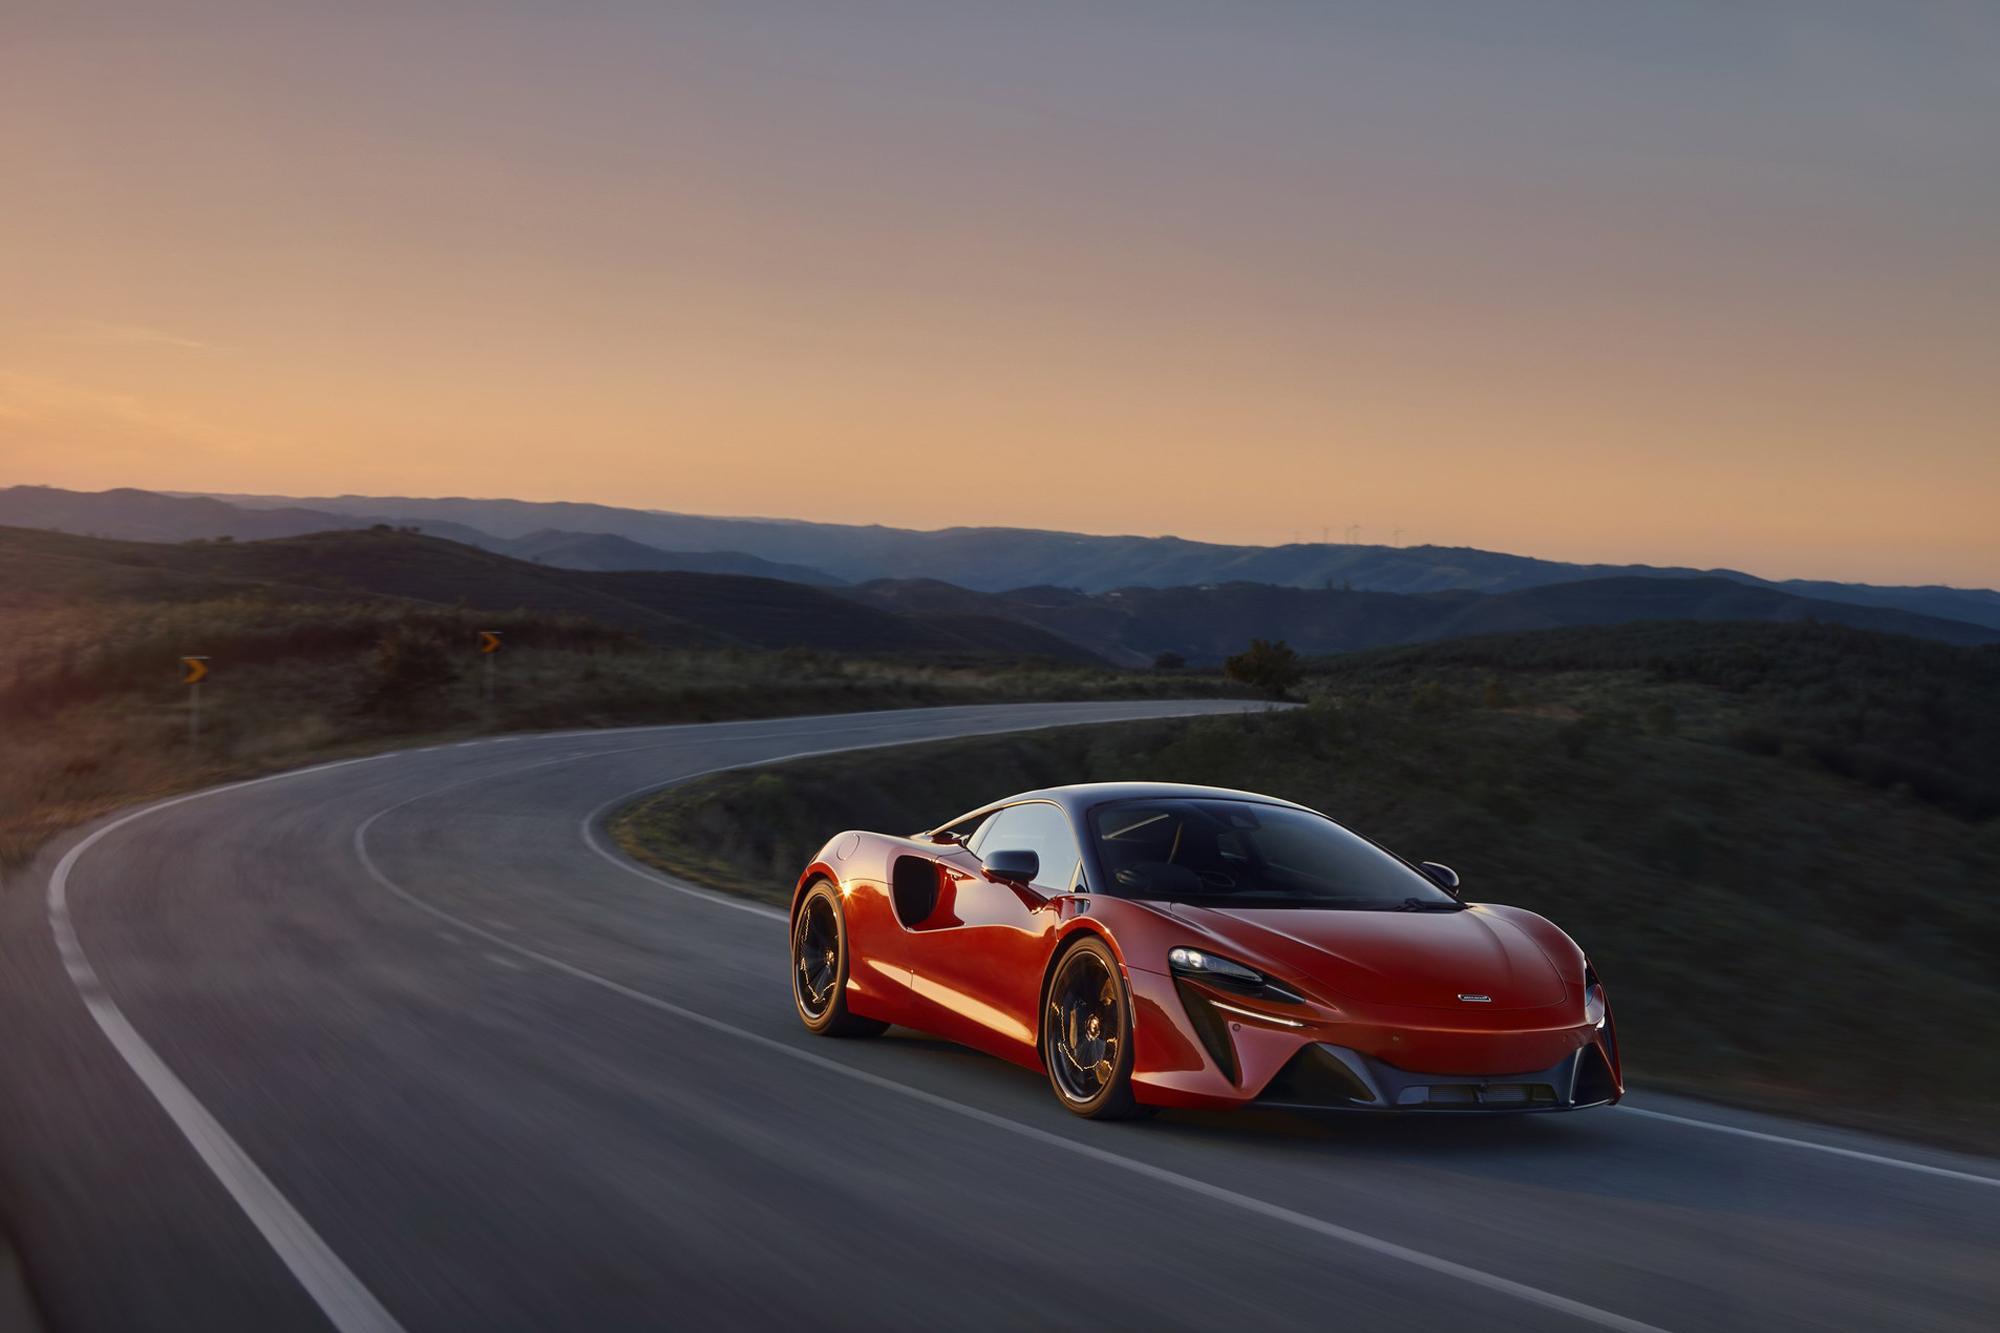 Επίσημο: Η νέα McLaren Artura